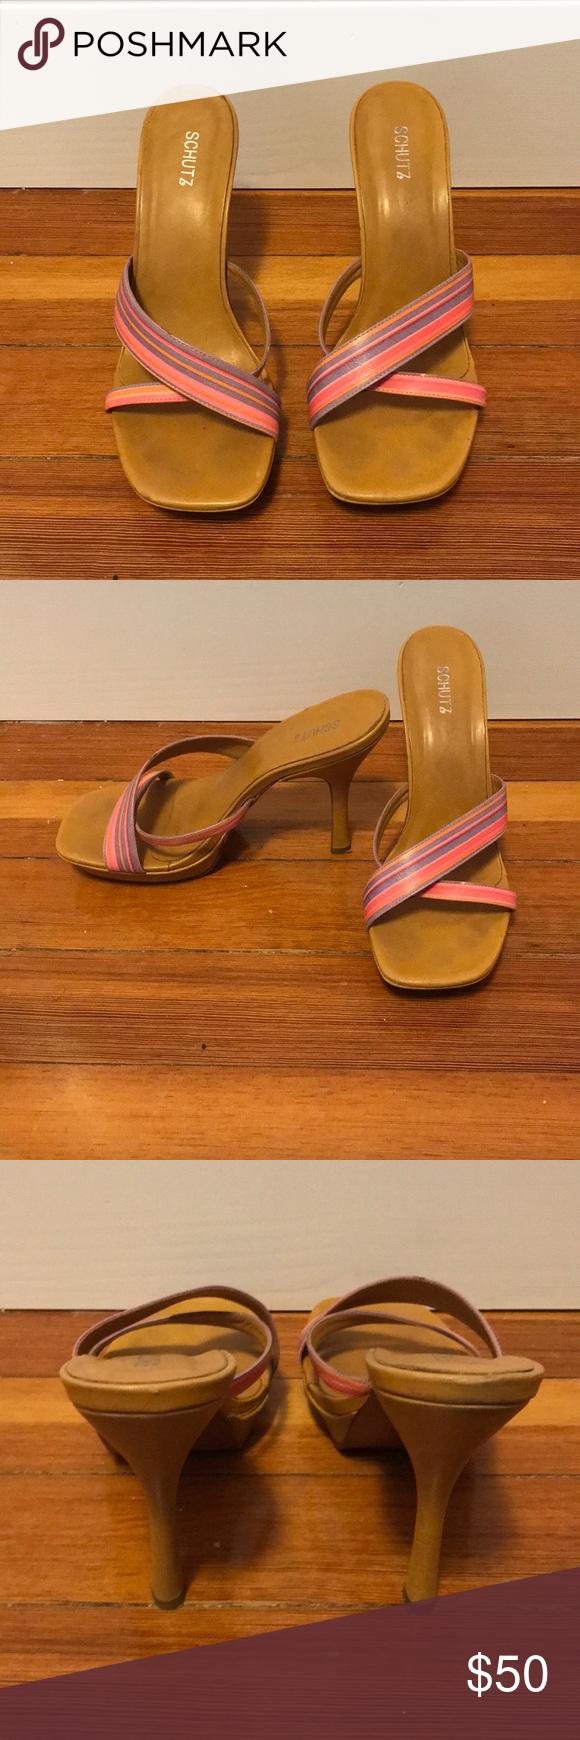 0f2e3584eff1 Kate Spade Polka Dot Calf Hair Slingback Heels in 2018